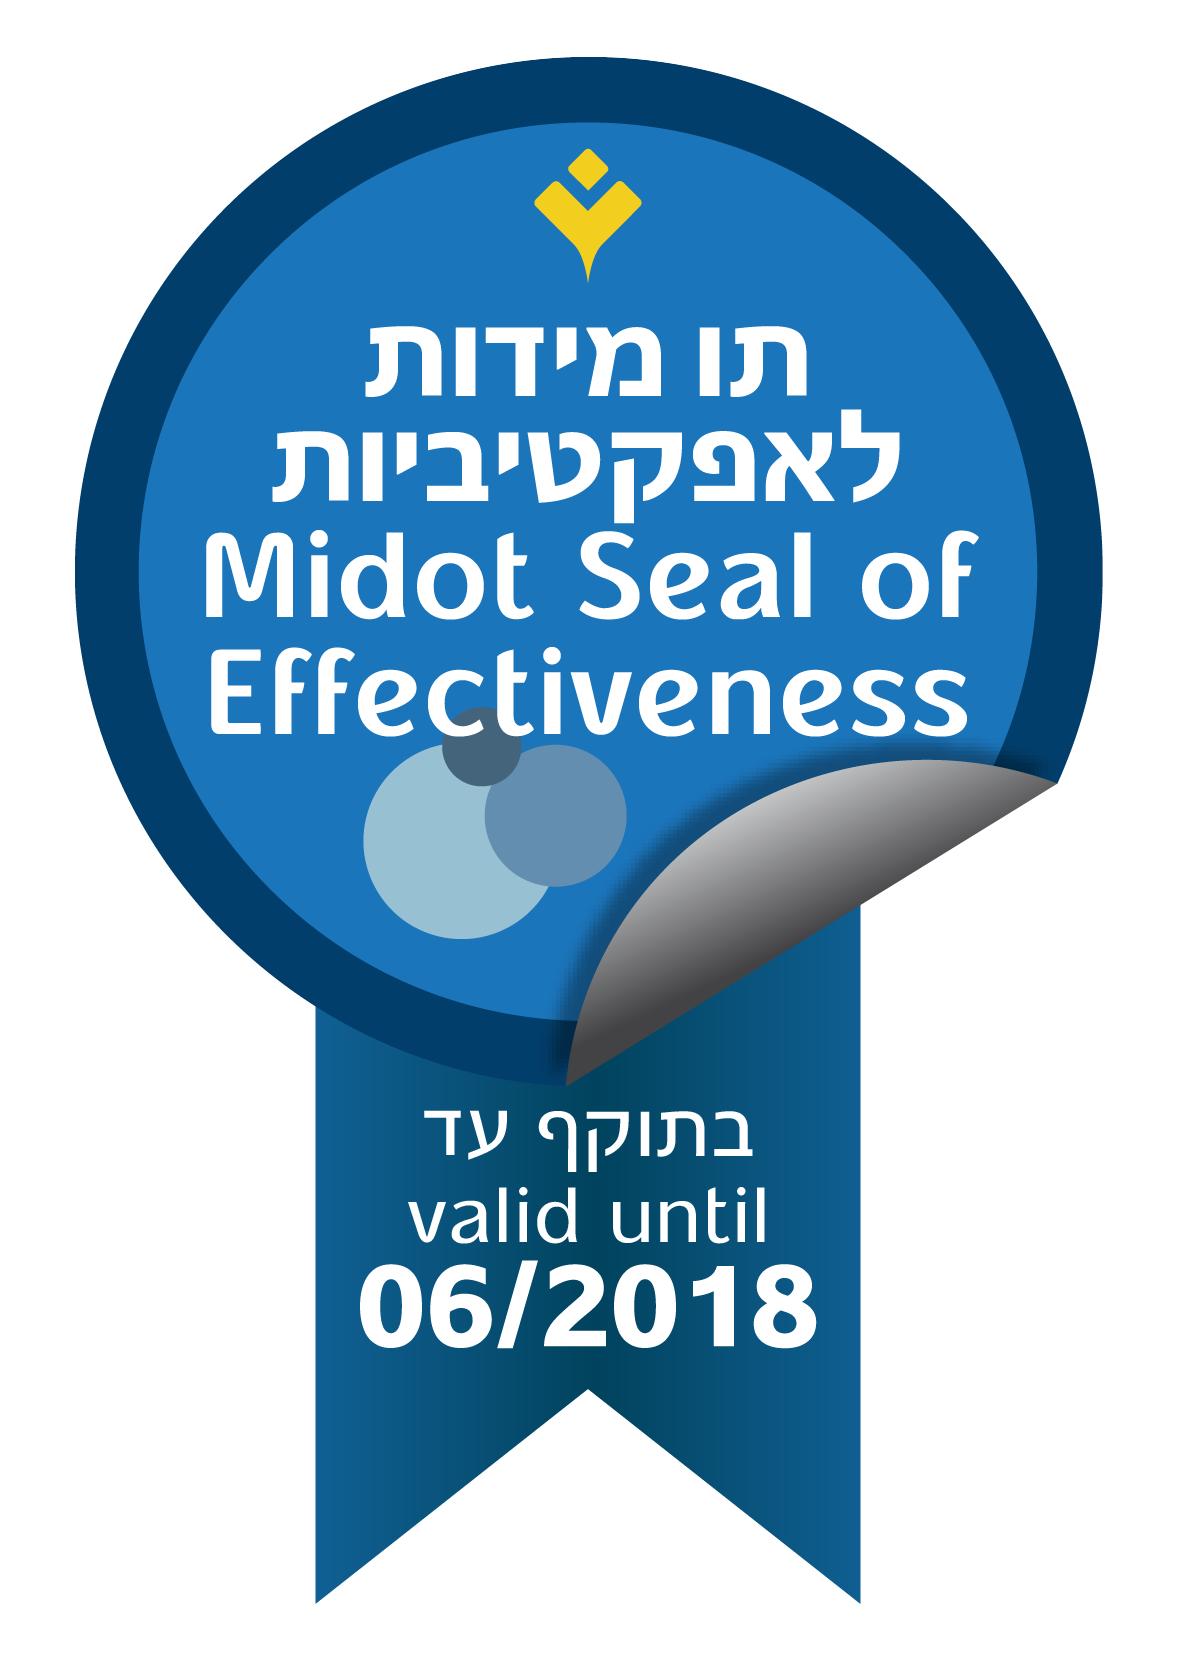 תו מידות לאפקטיביות, בתוקף עד 06/2018